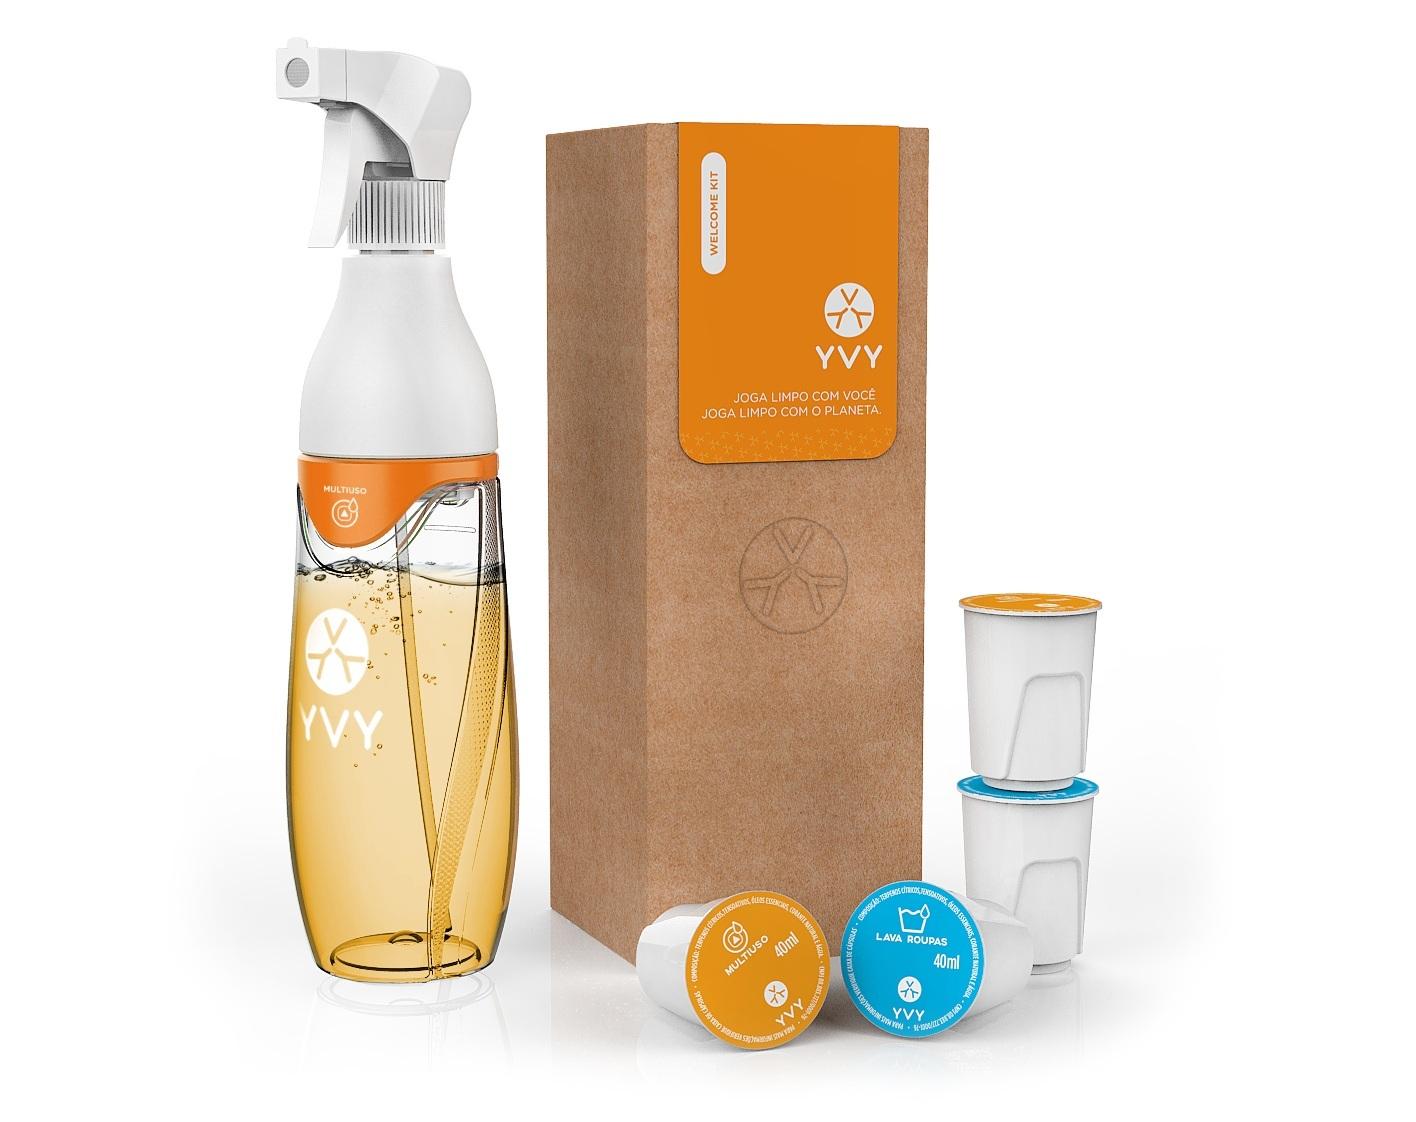 Linha de produtos da YVY: embalagem de uso único e refís recicláveis e retornáveis.